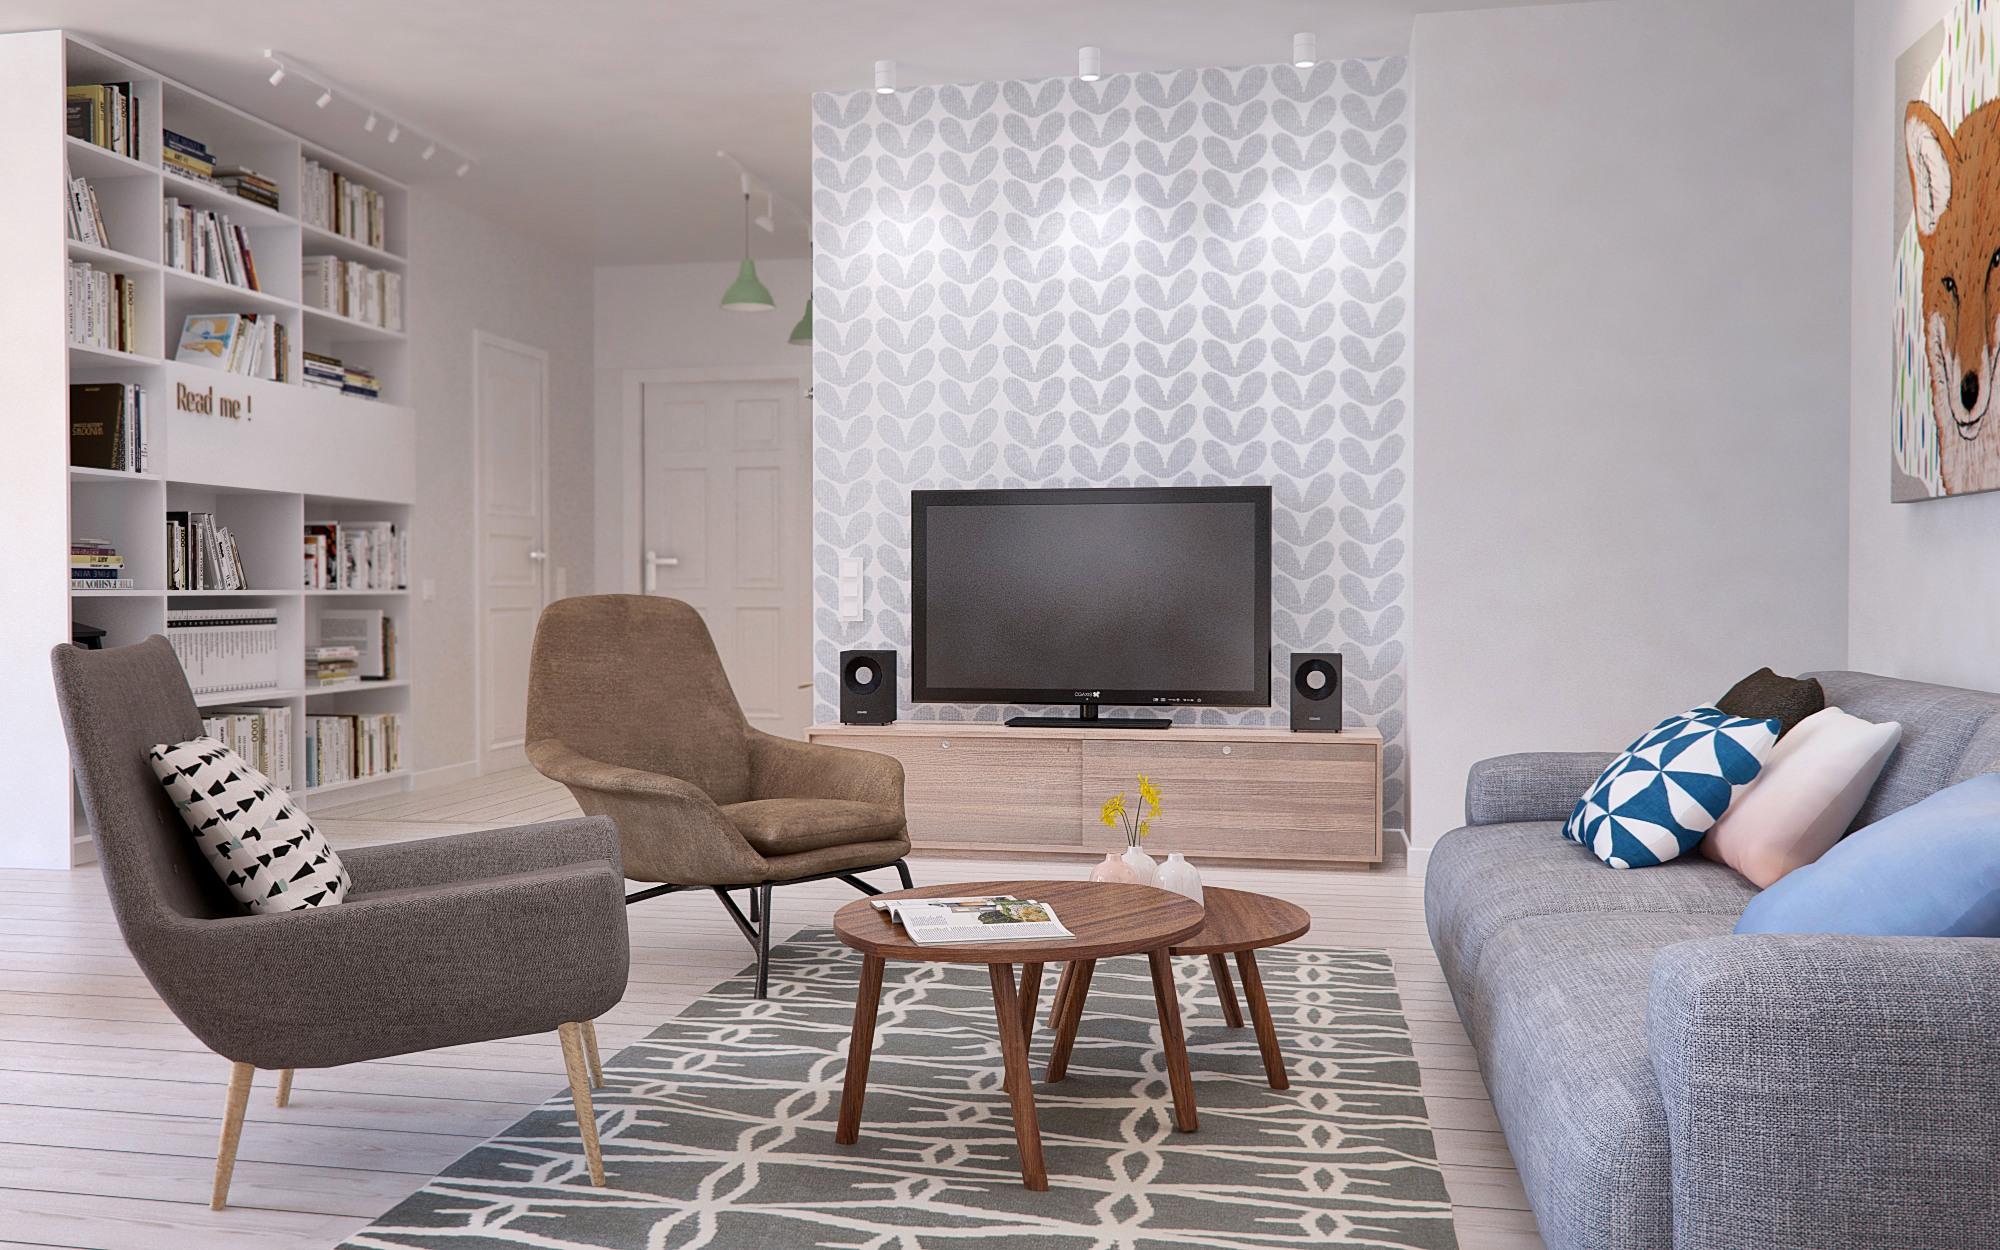 客厅整提装饰比较简单,木质茶几搭上浅灰色系的布艺沙发很是清新